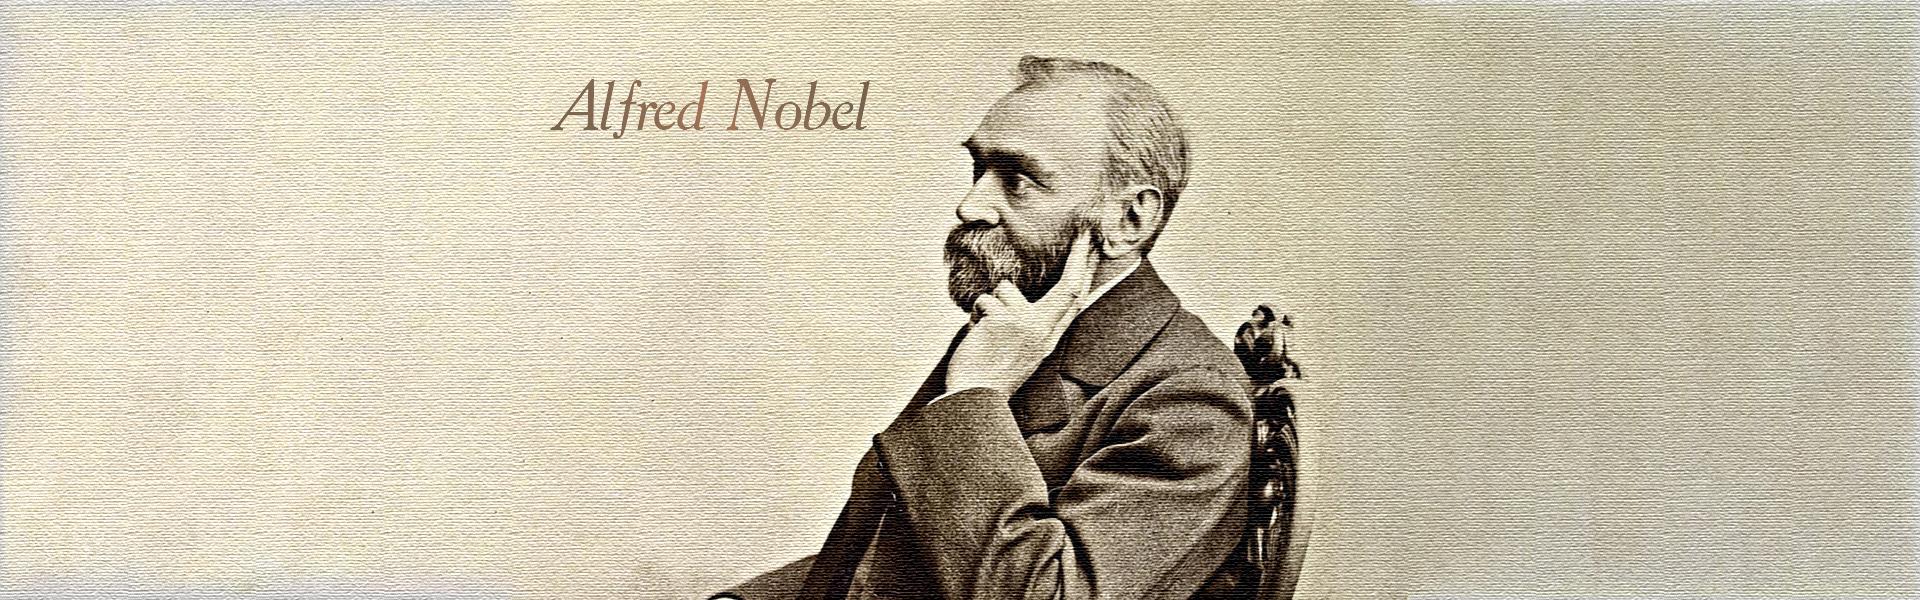 Porträtt-Alfred-Nobel 7+